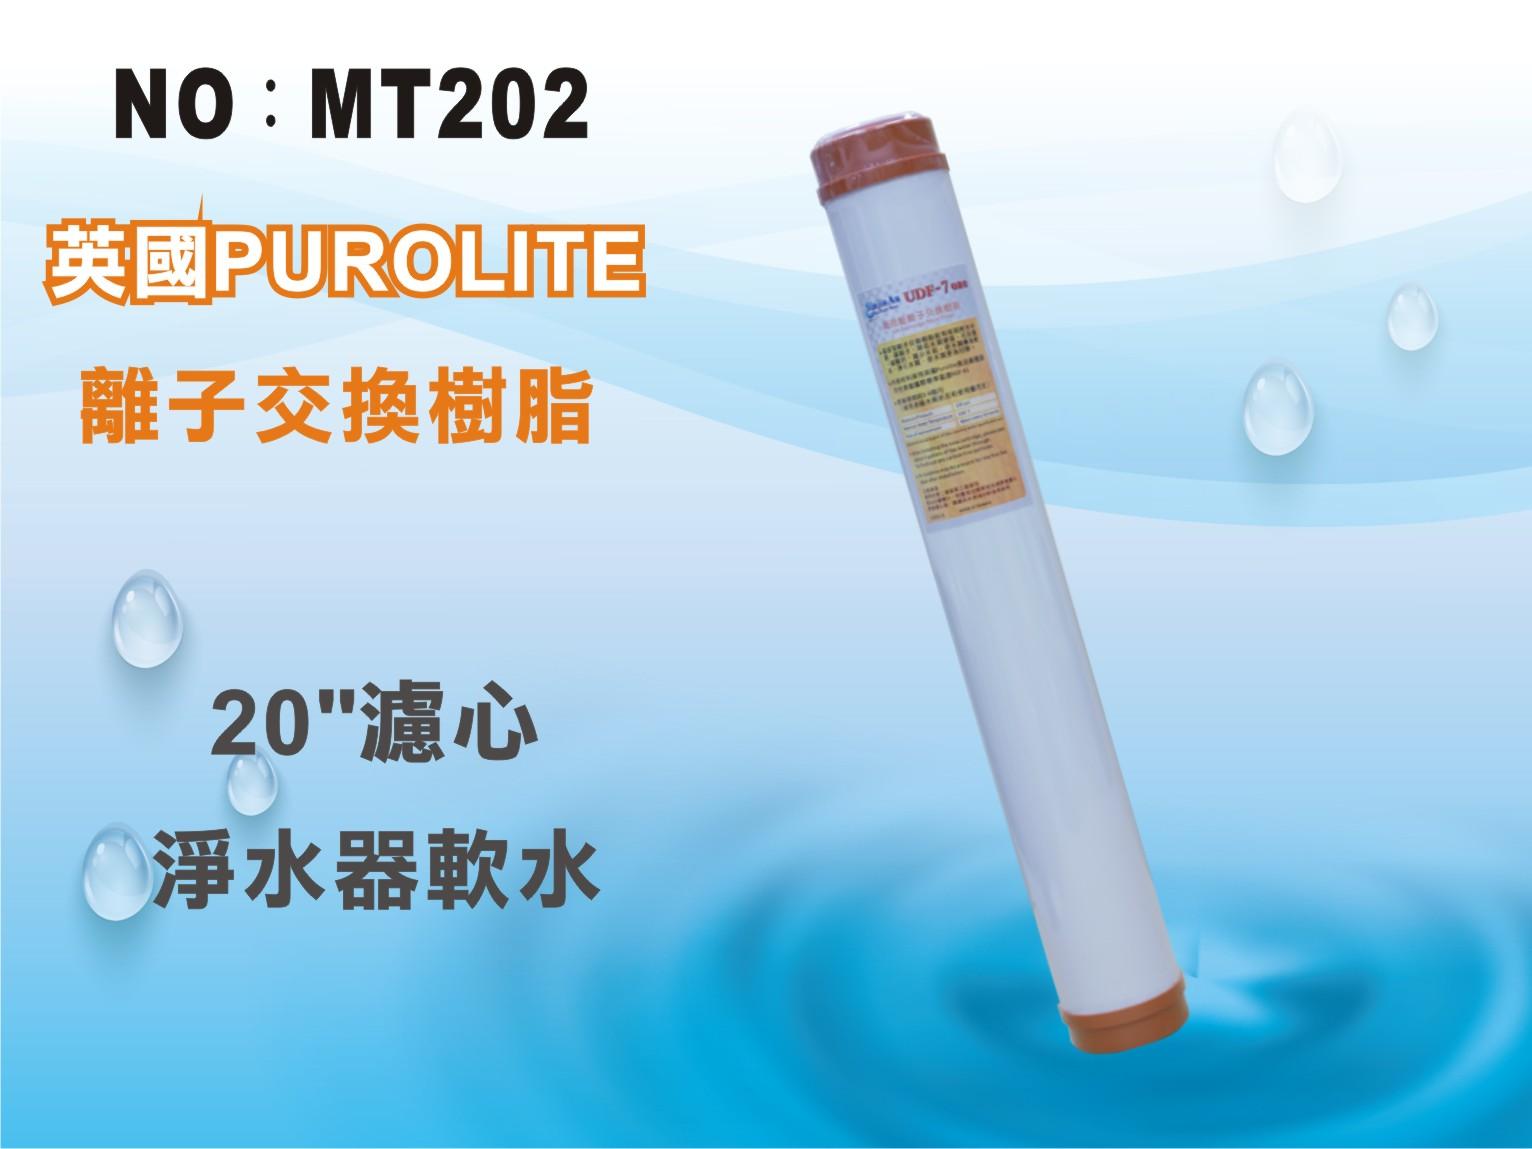 <br/><br/>  【龍門淨水】 20吋UDF 7-ONE英國Purolite食品級離子交換樹脂濾心 淨水器 飲水機(MT202)<br/><br/>